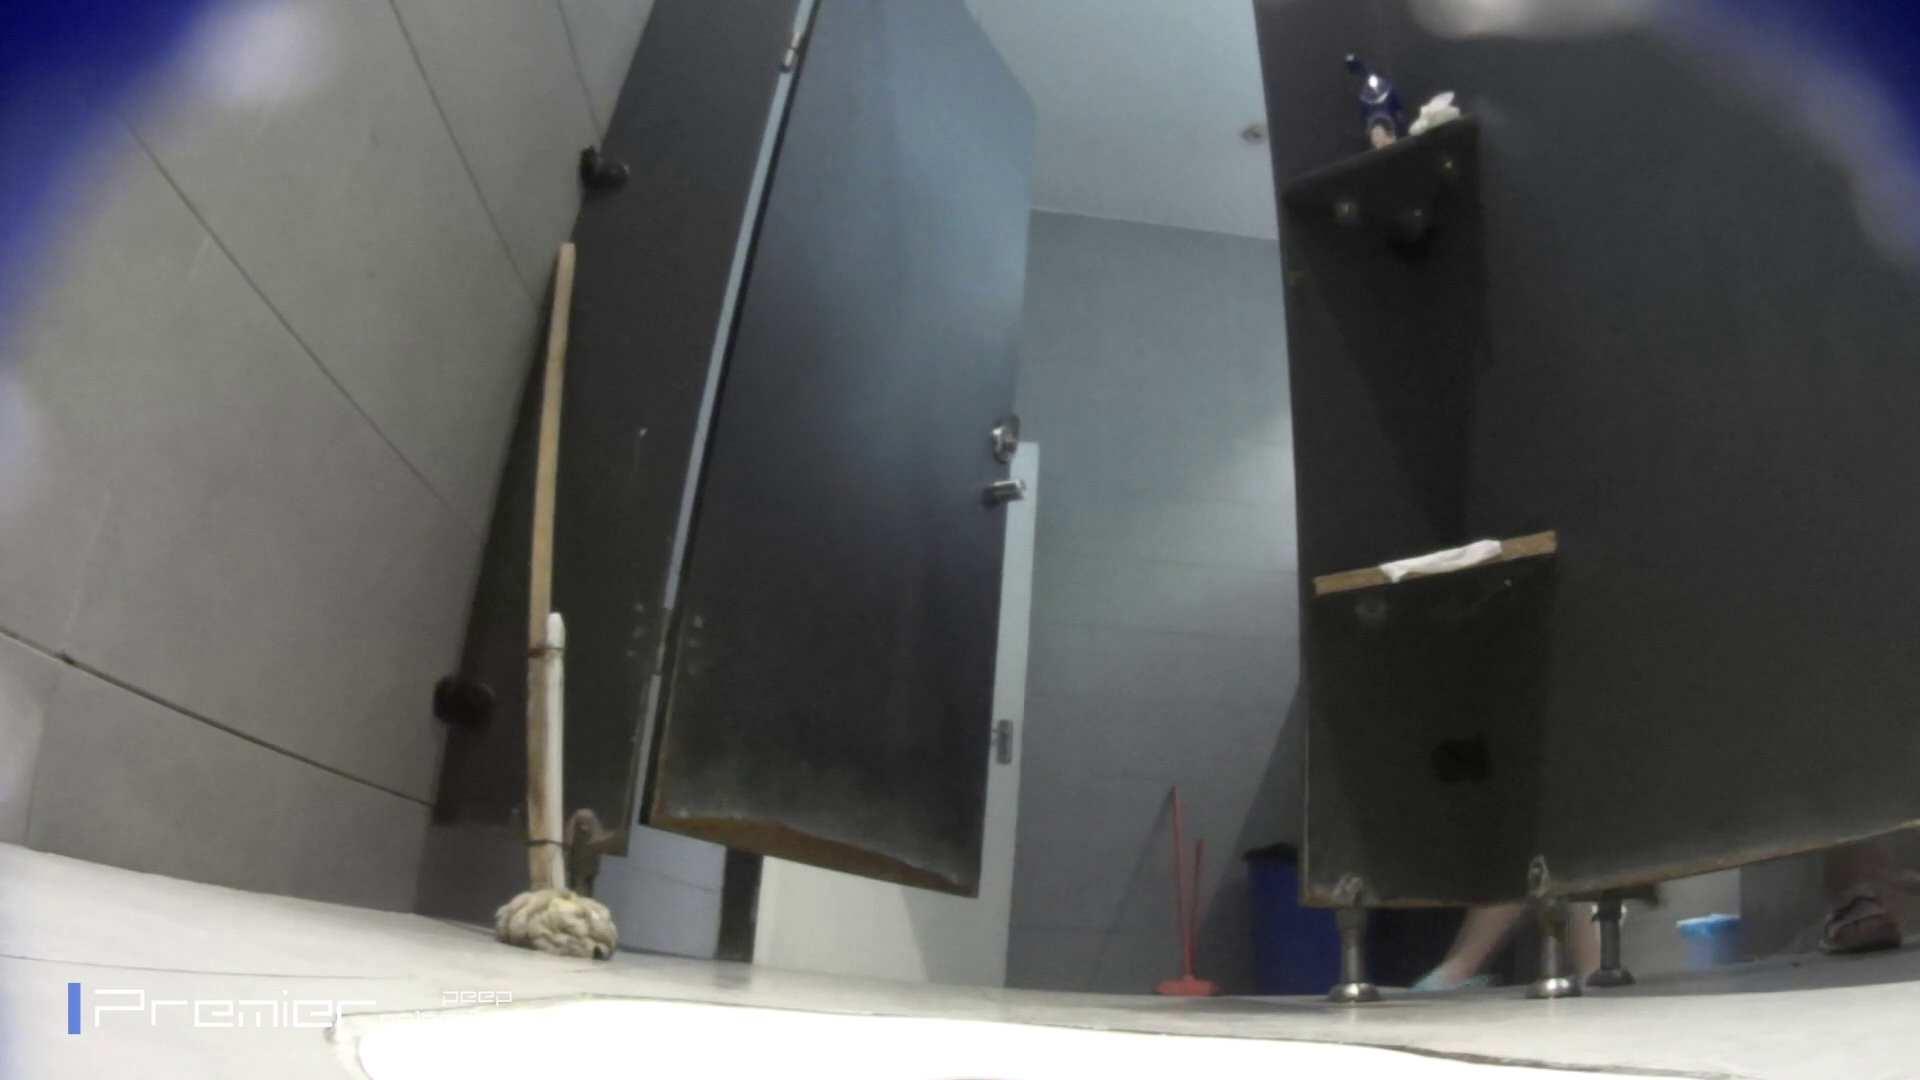 トイレットペーパーを握りしめ個室に入る乙女 大学休憩時間の洗面所事情83 うんこ好き | 洗面所着替え  21連発 1